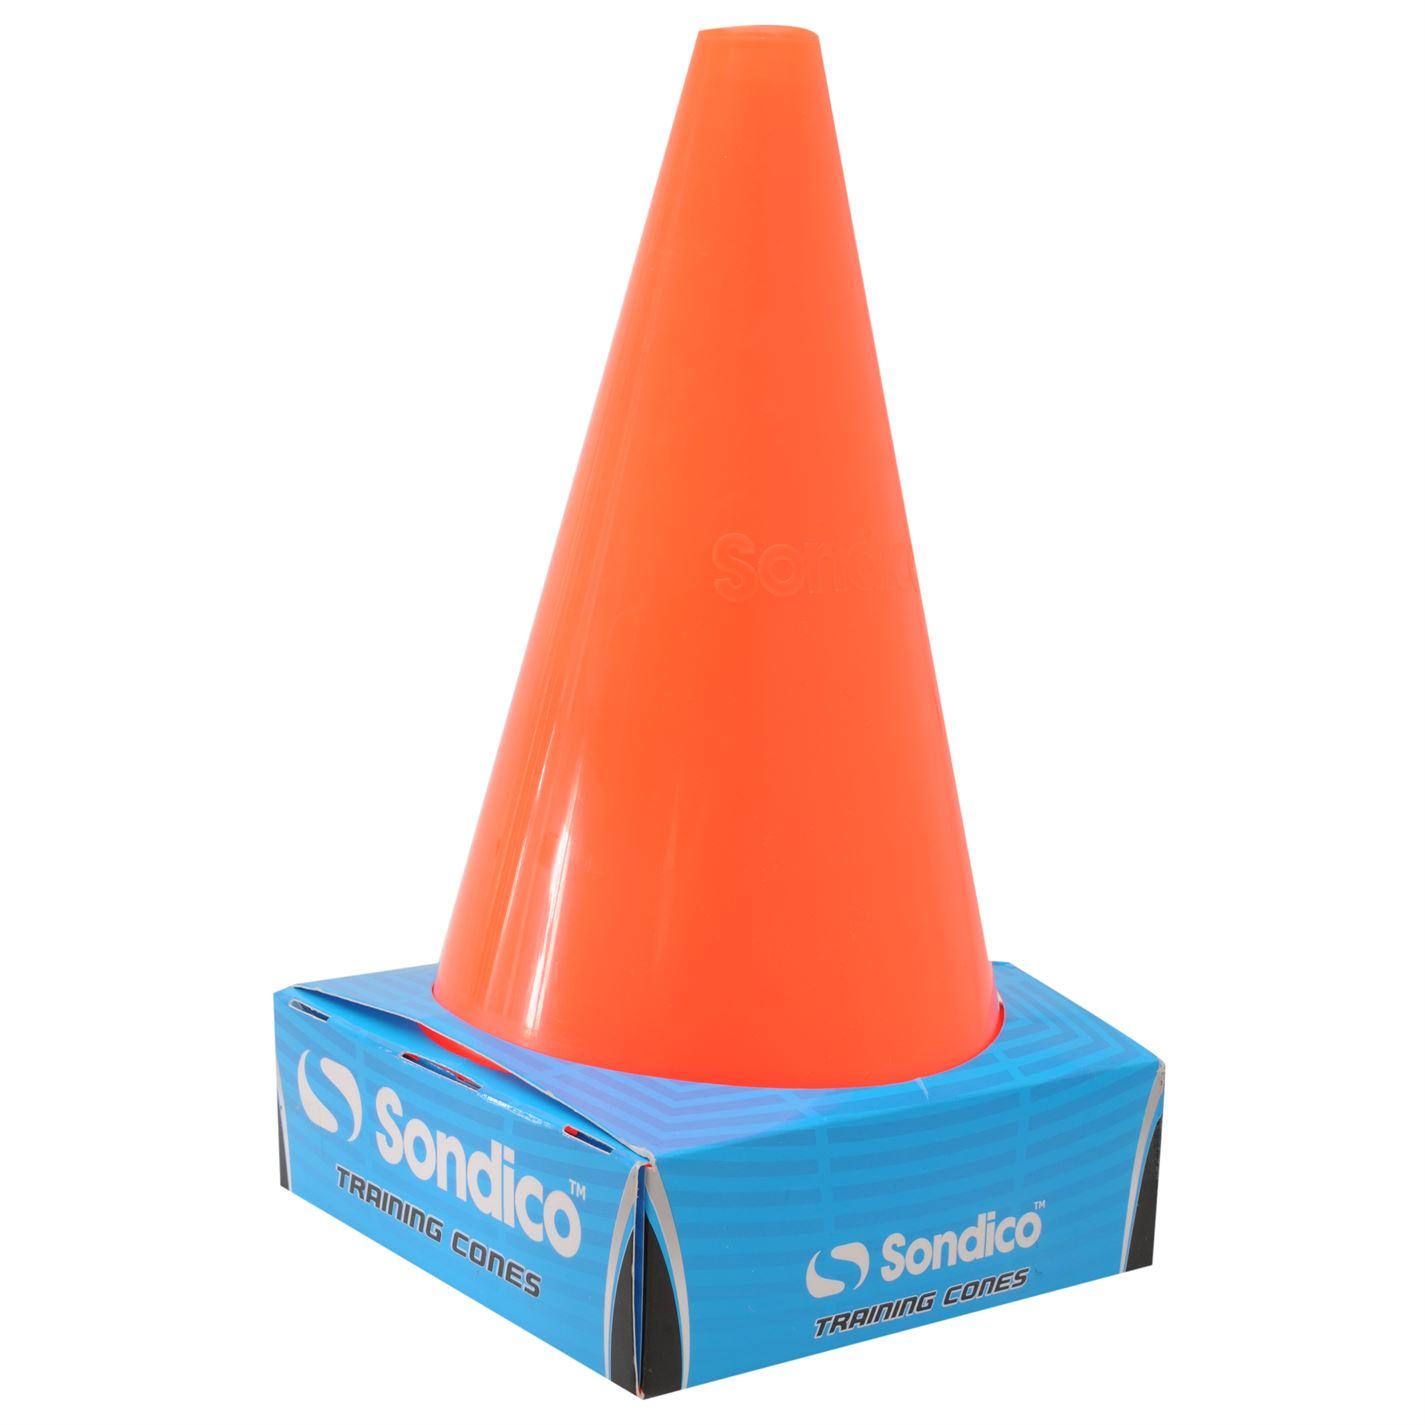 Sondico Training Cone 6 Pack -